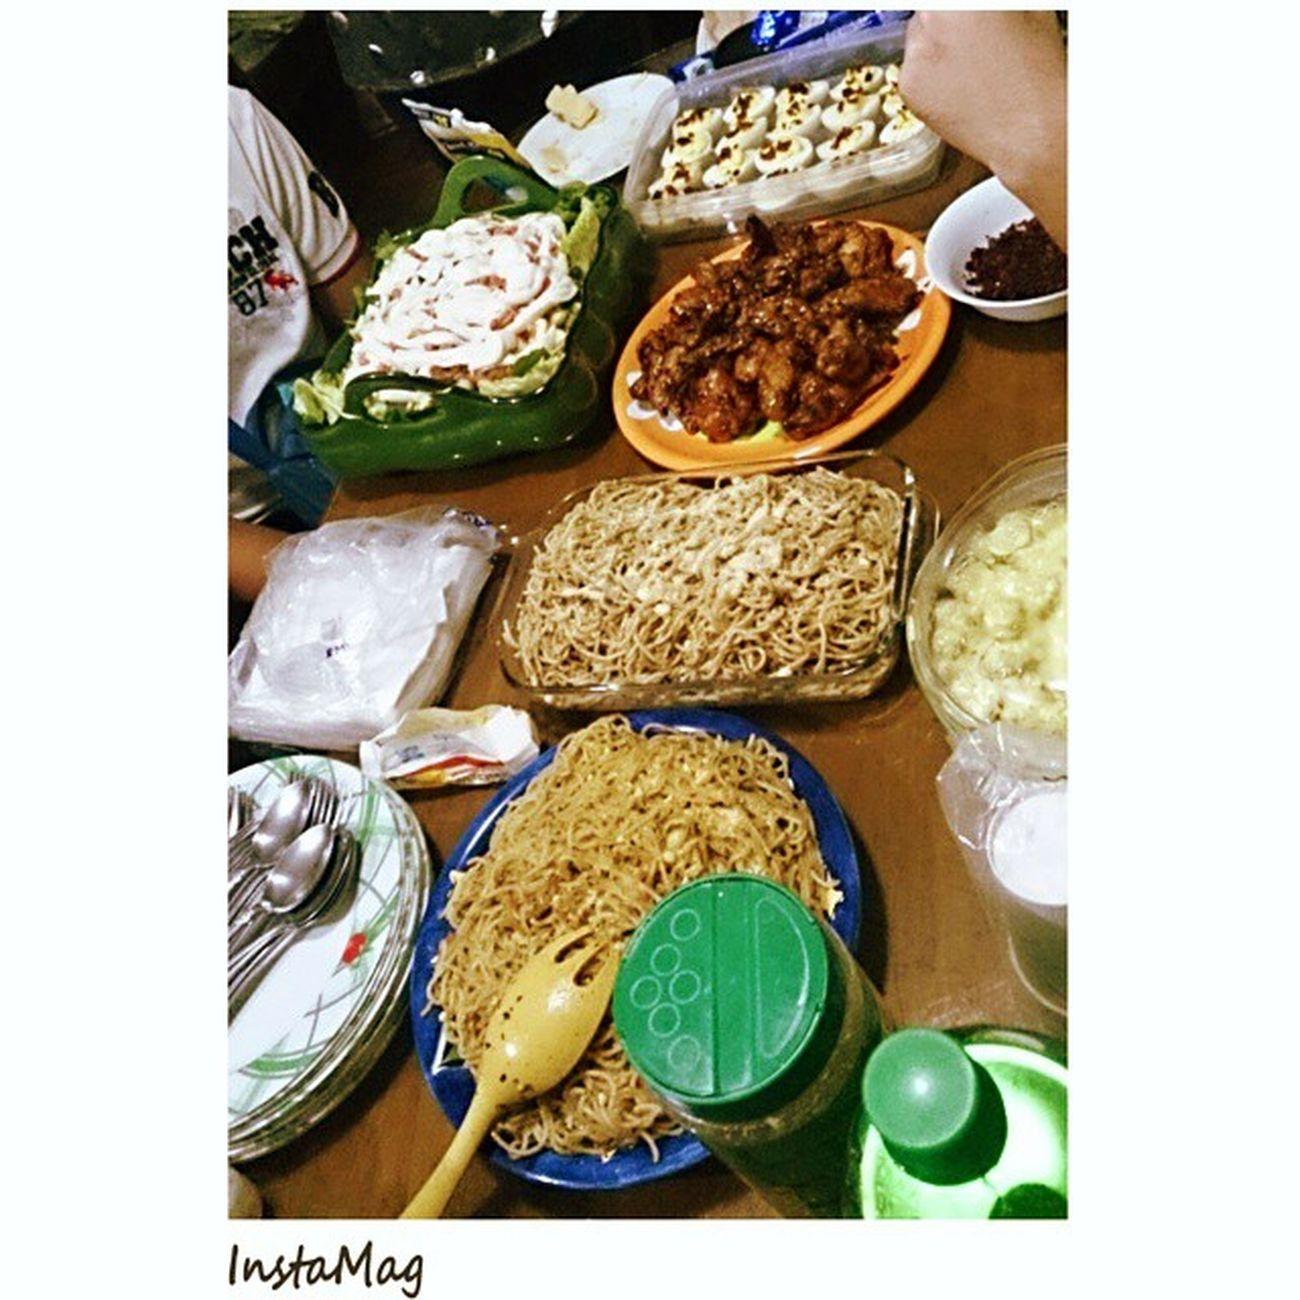 Thank you Tibia Family! Busog sarap.. Baka mapanaginipan ko to, mag sleepwalk ako 'gang san pedro.. Hahaha.. Musicministryfellowship